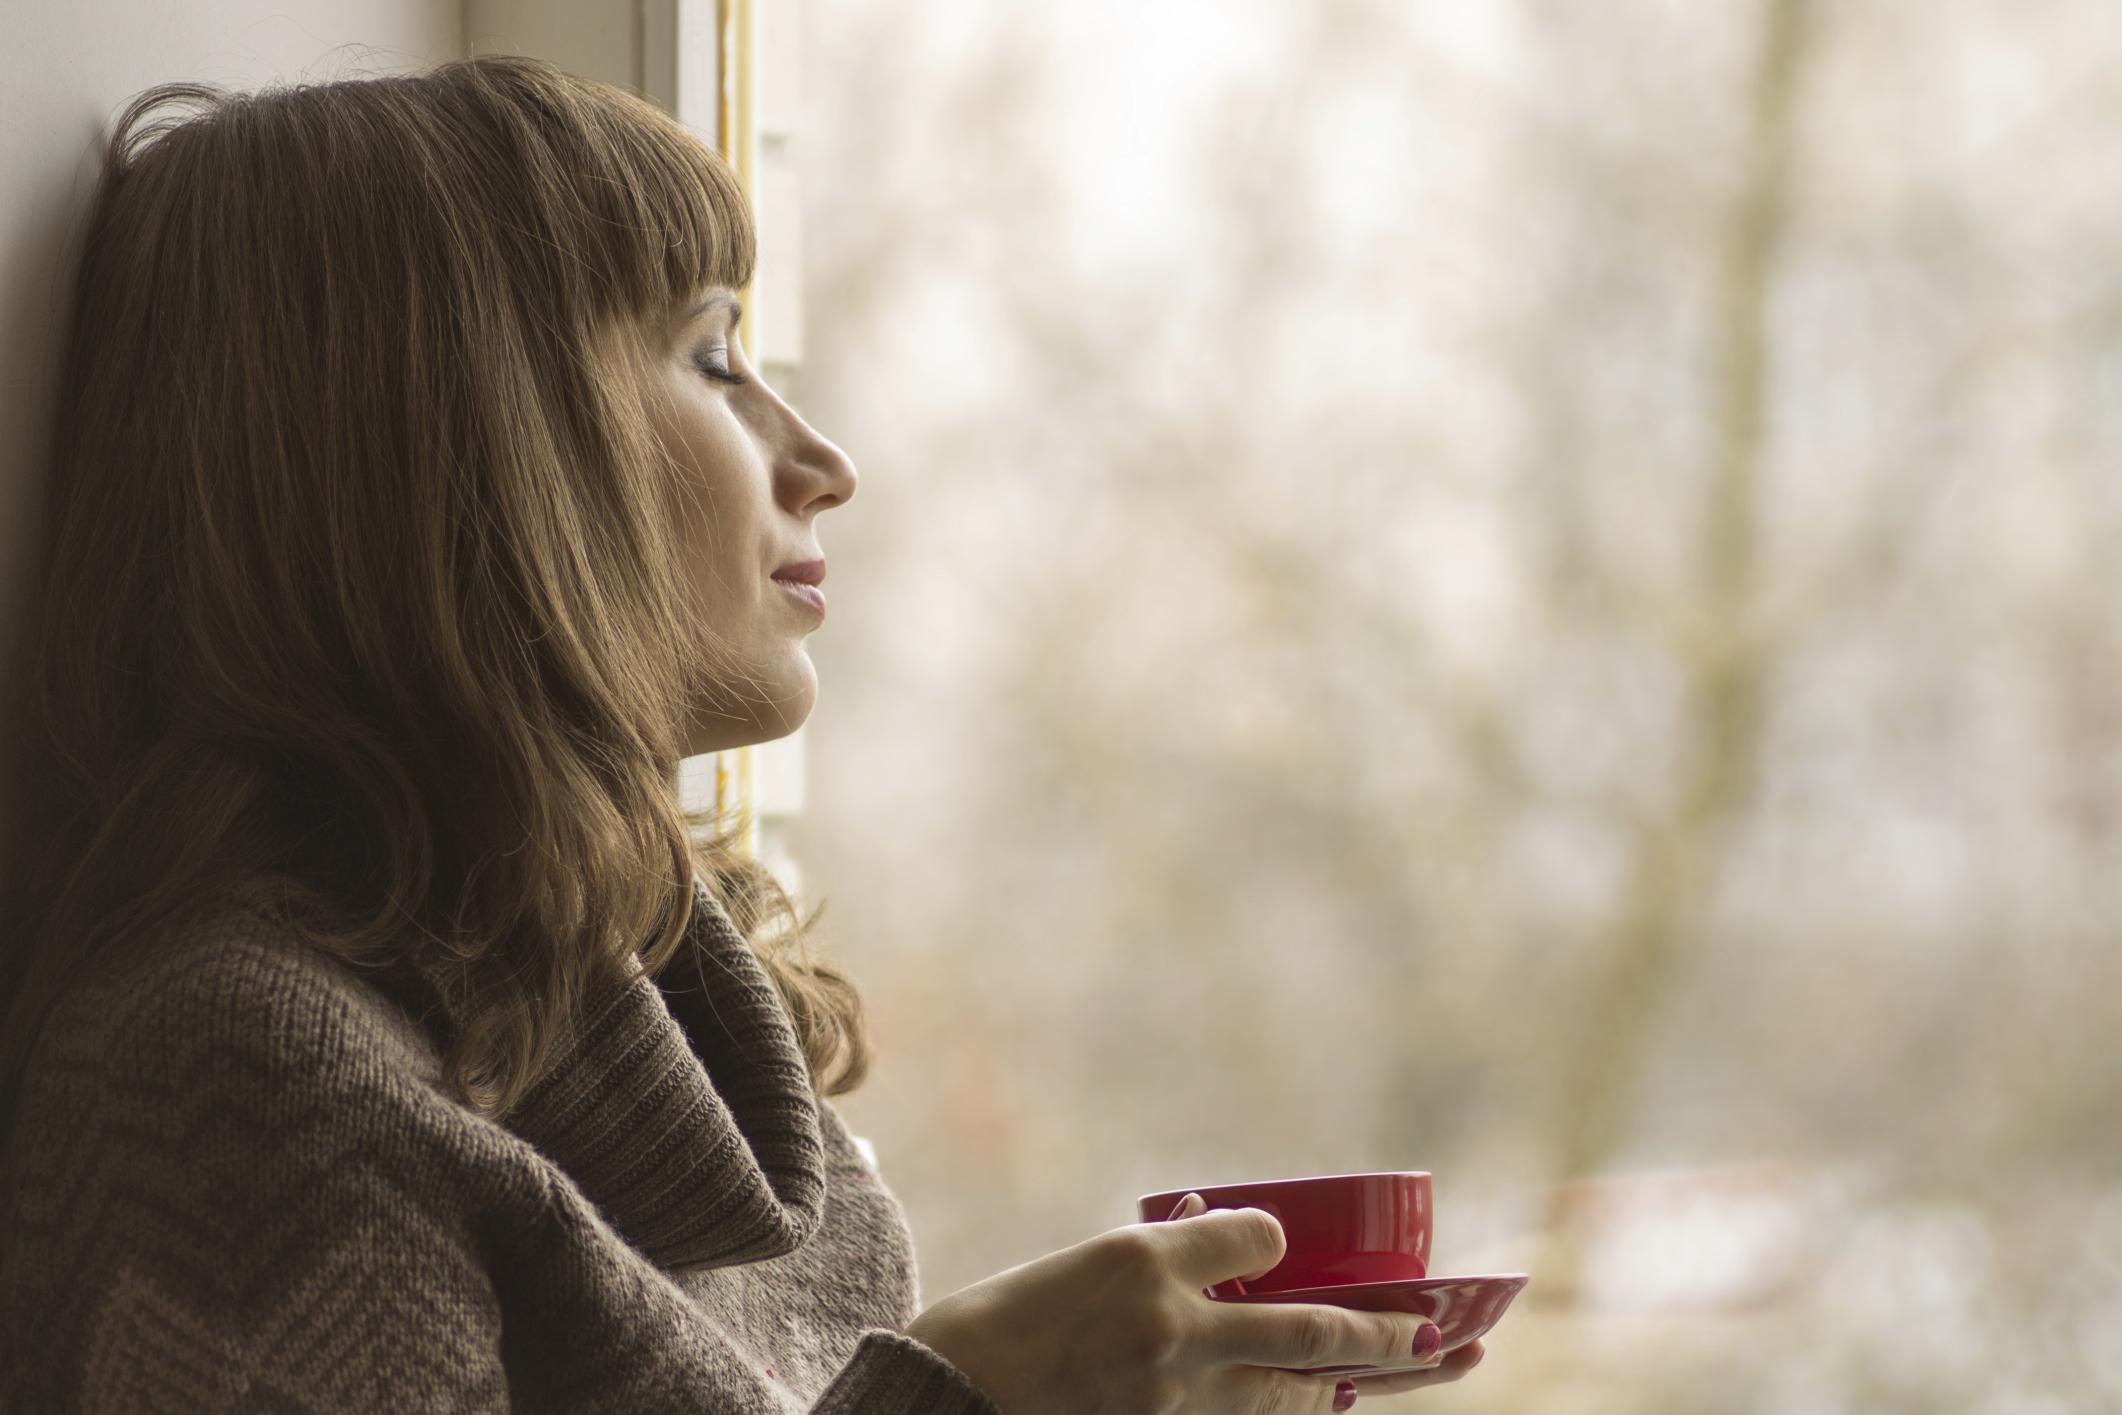 Фото девушка у окна с чашкой кофе